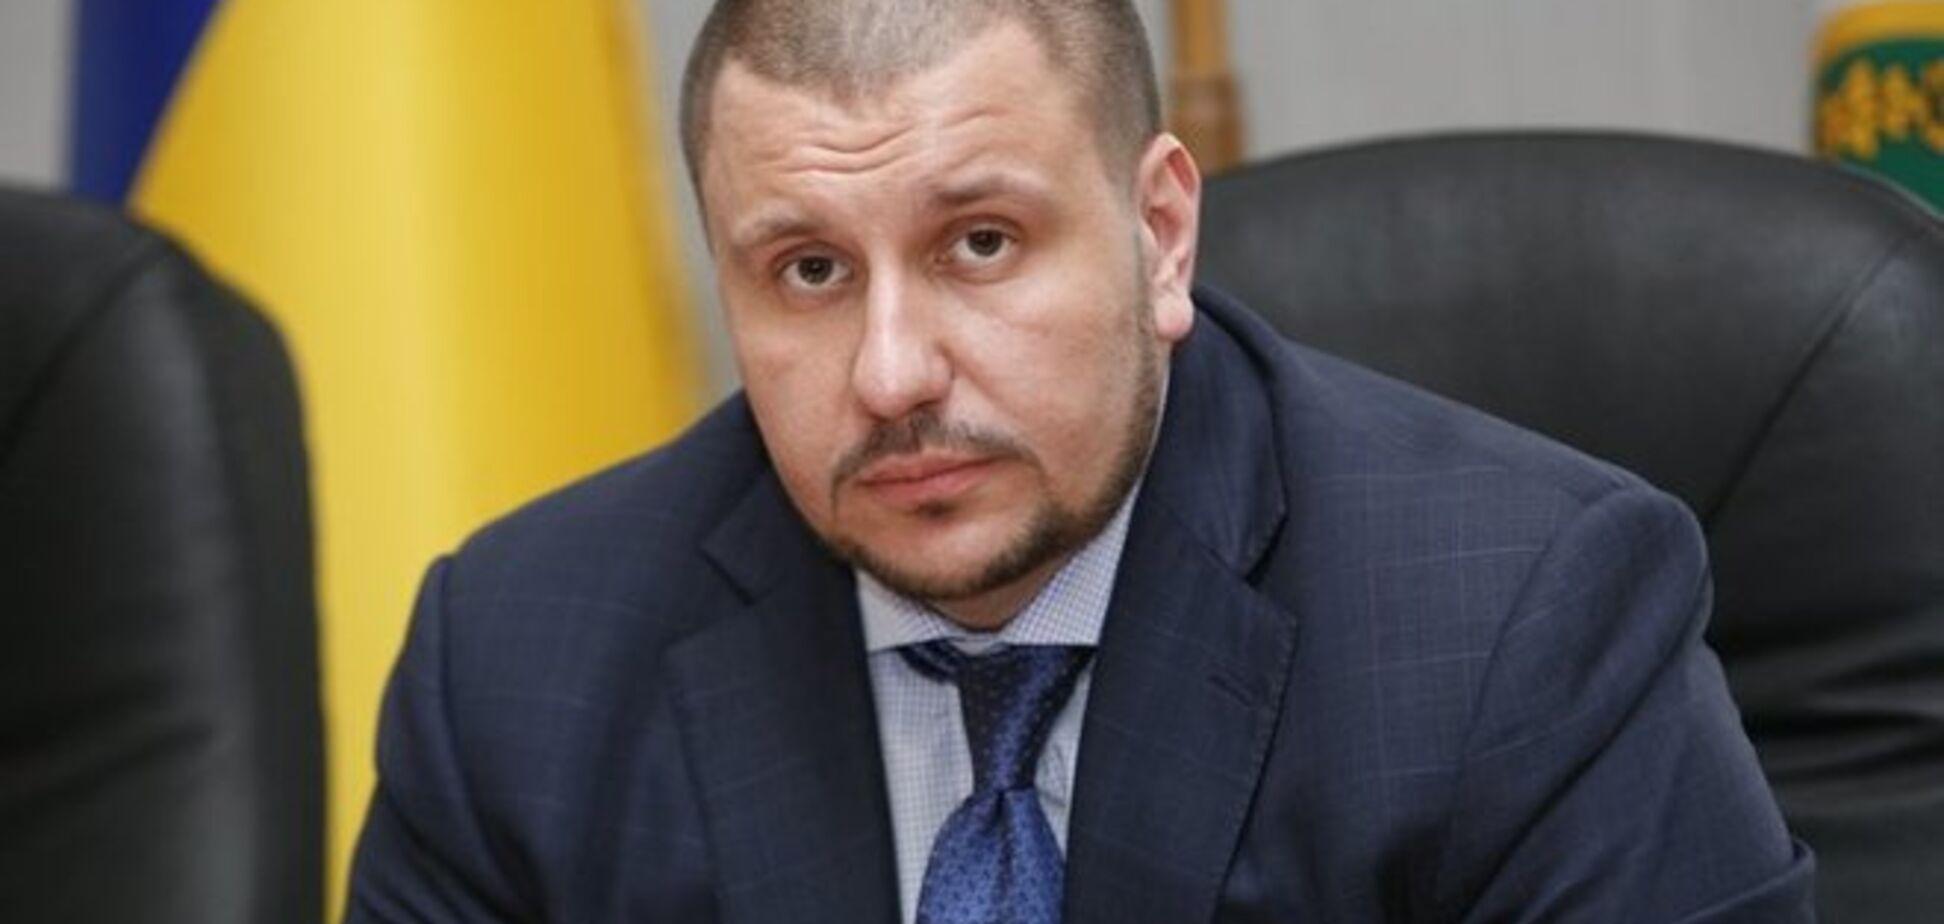 Клименко порадив Яценюку присікти зарплату в 'конвертах' для наповнення Держбюджету